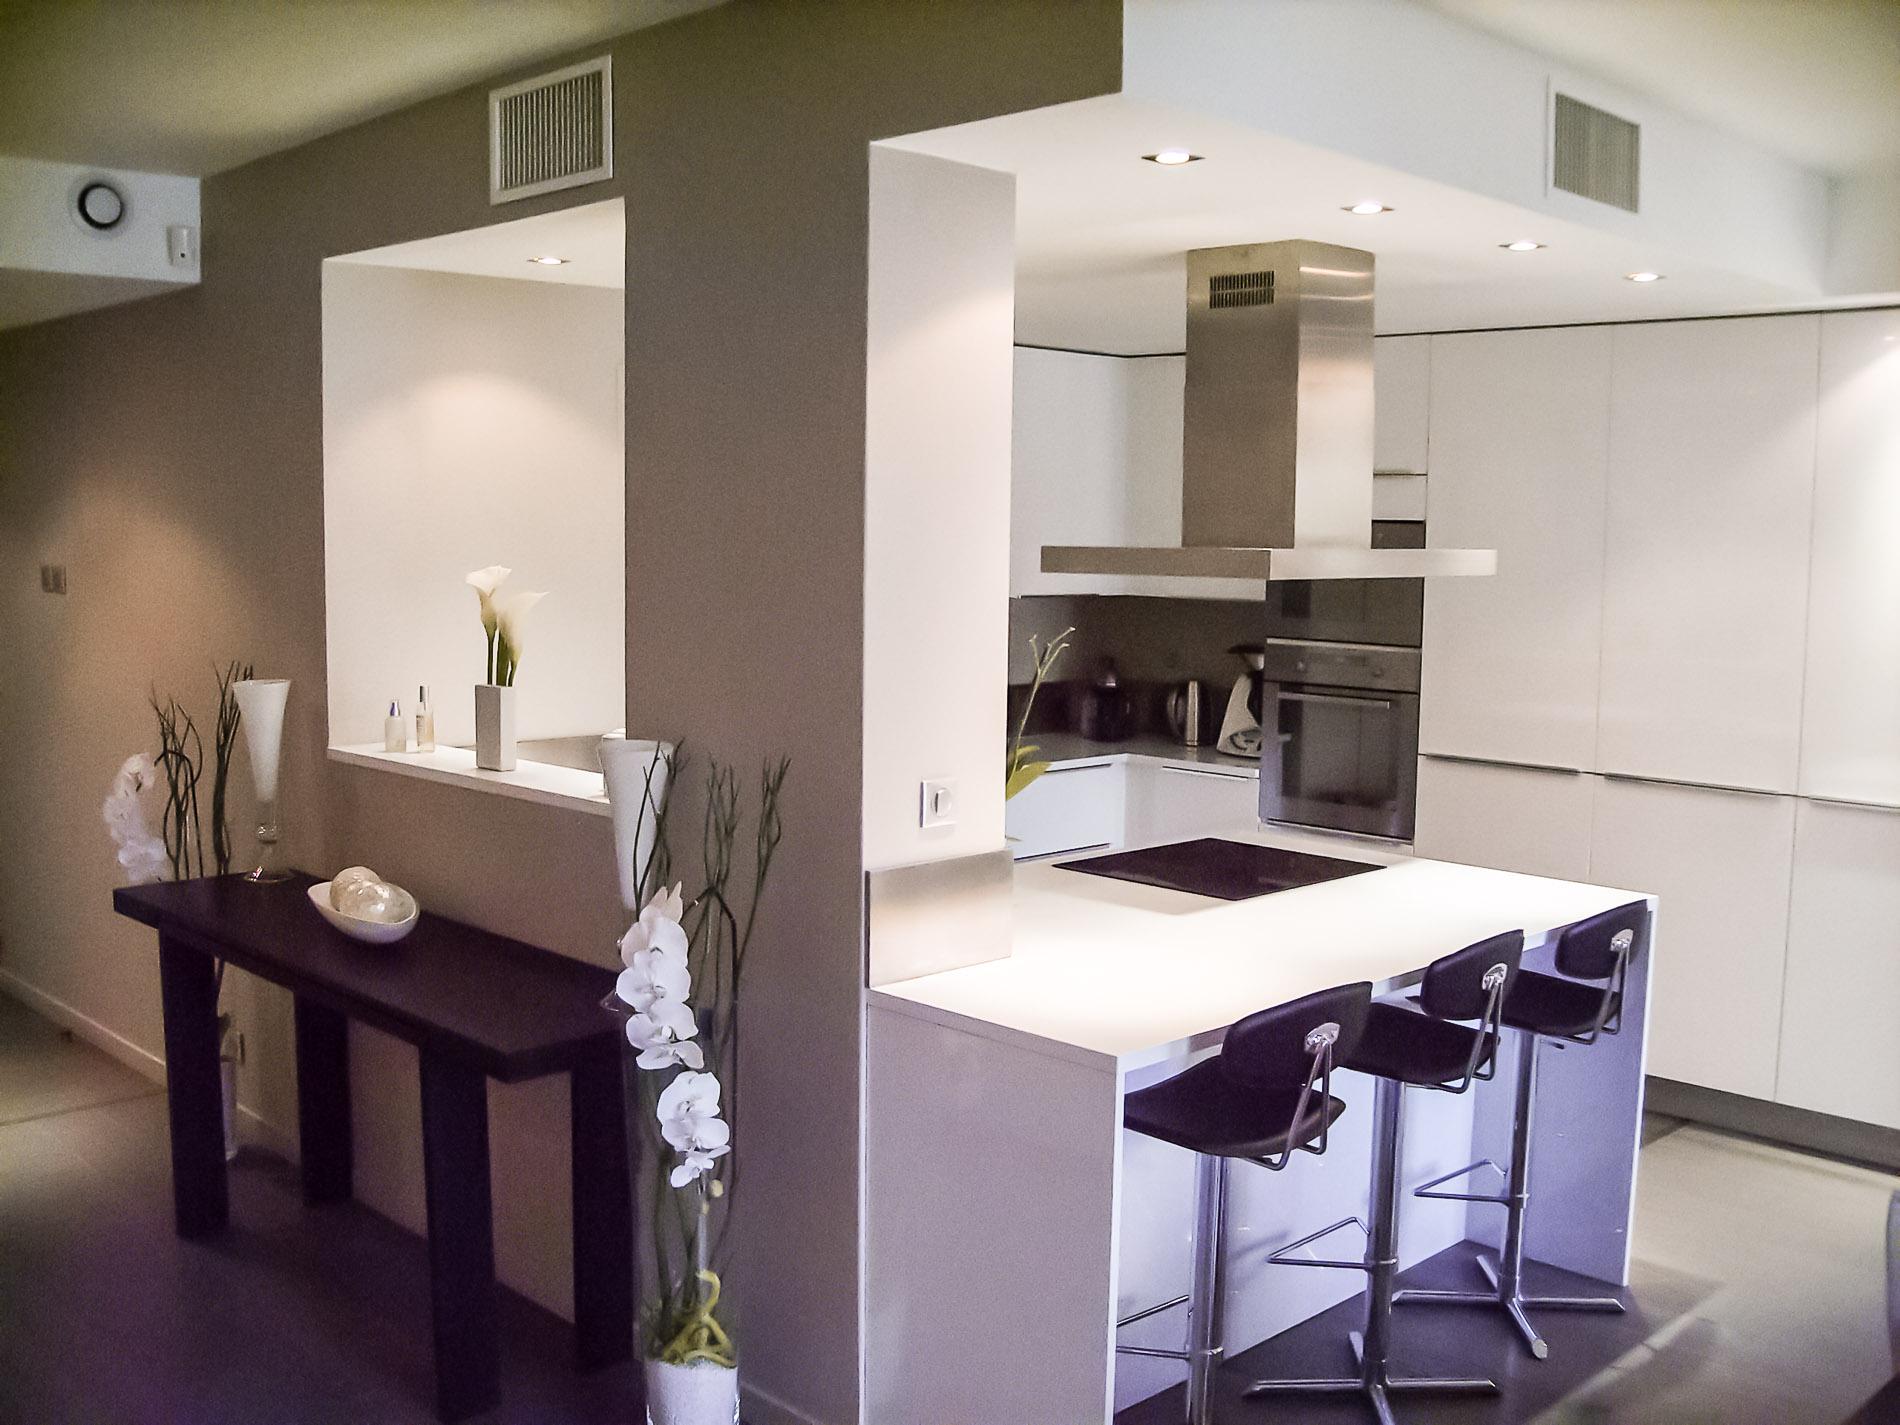 Appartement Lyon 6 Agencement Cuisine Design Ilot Central